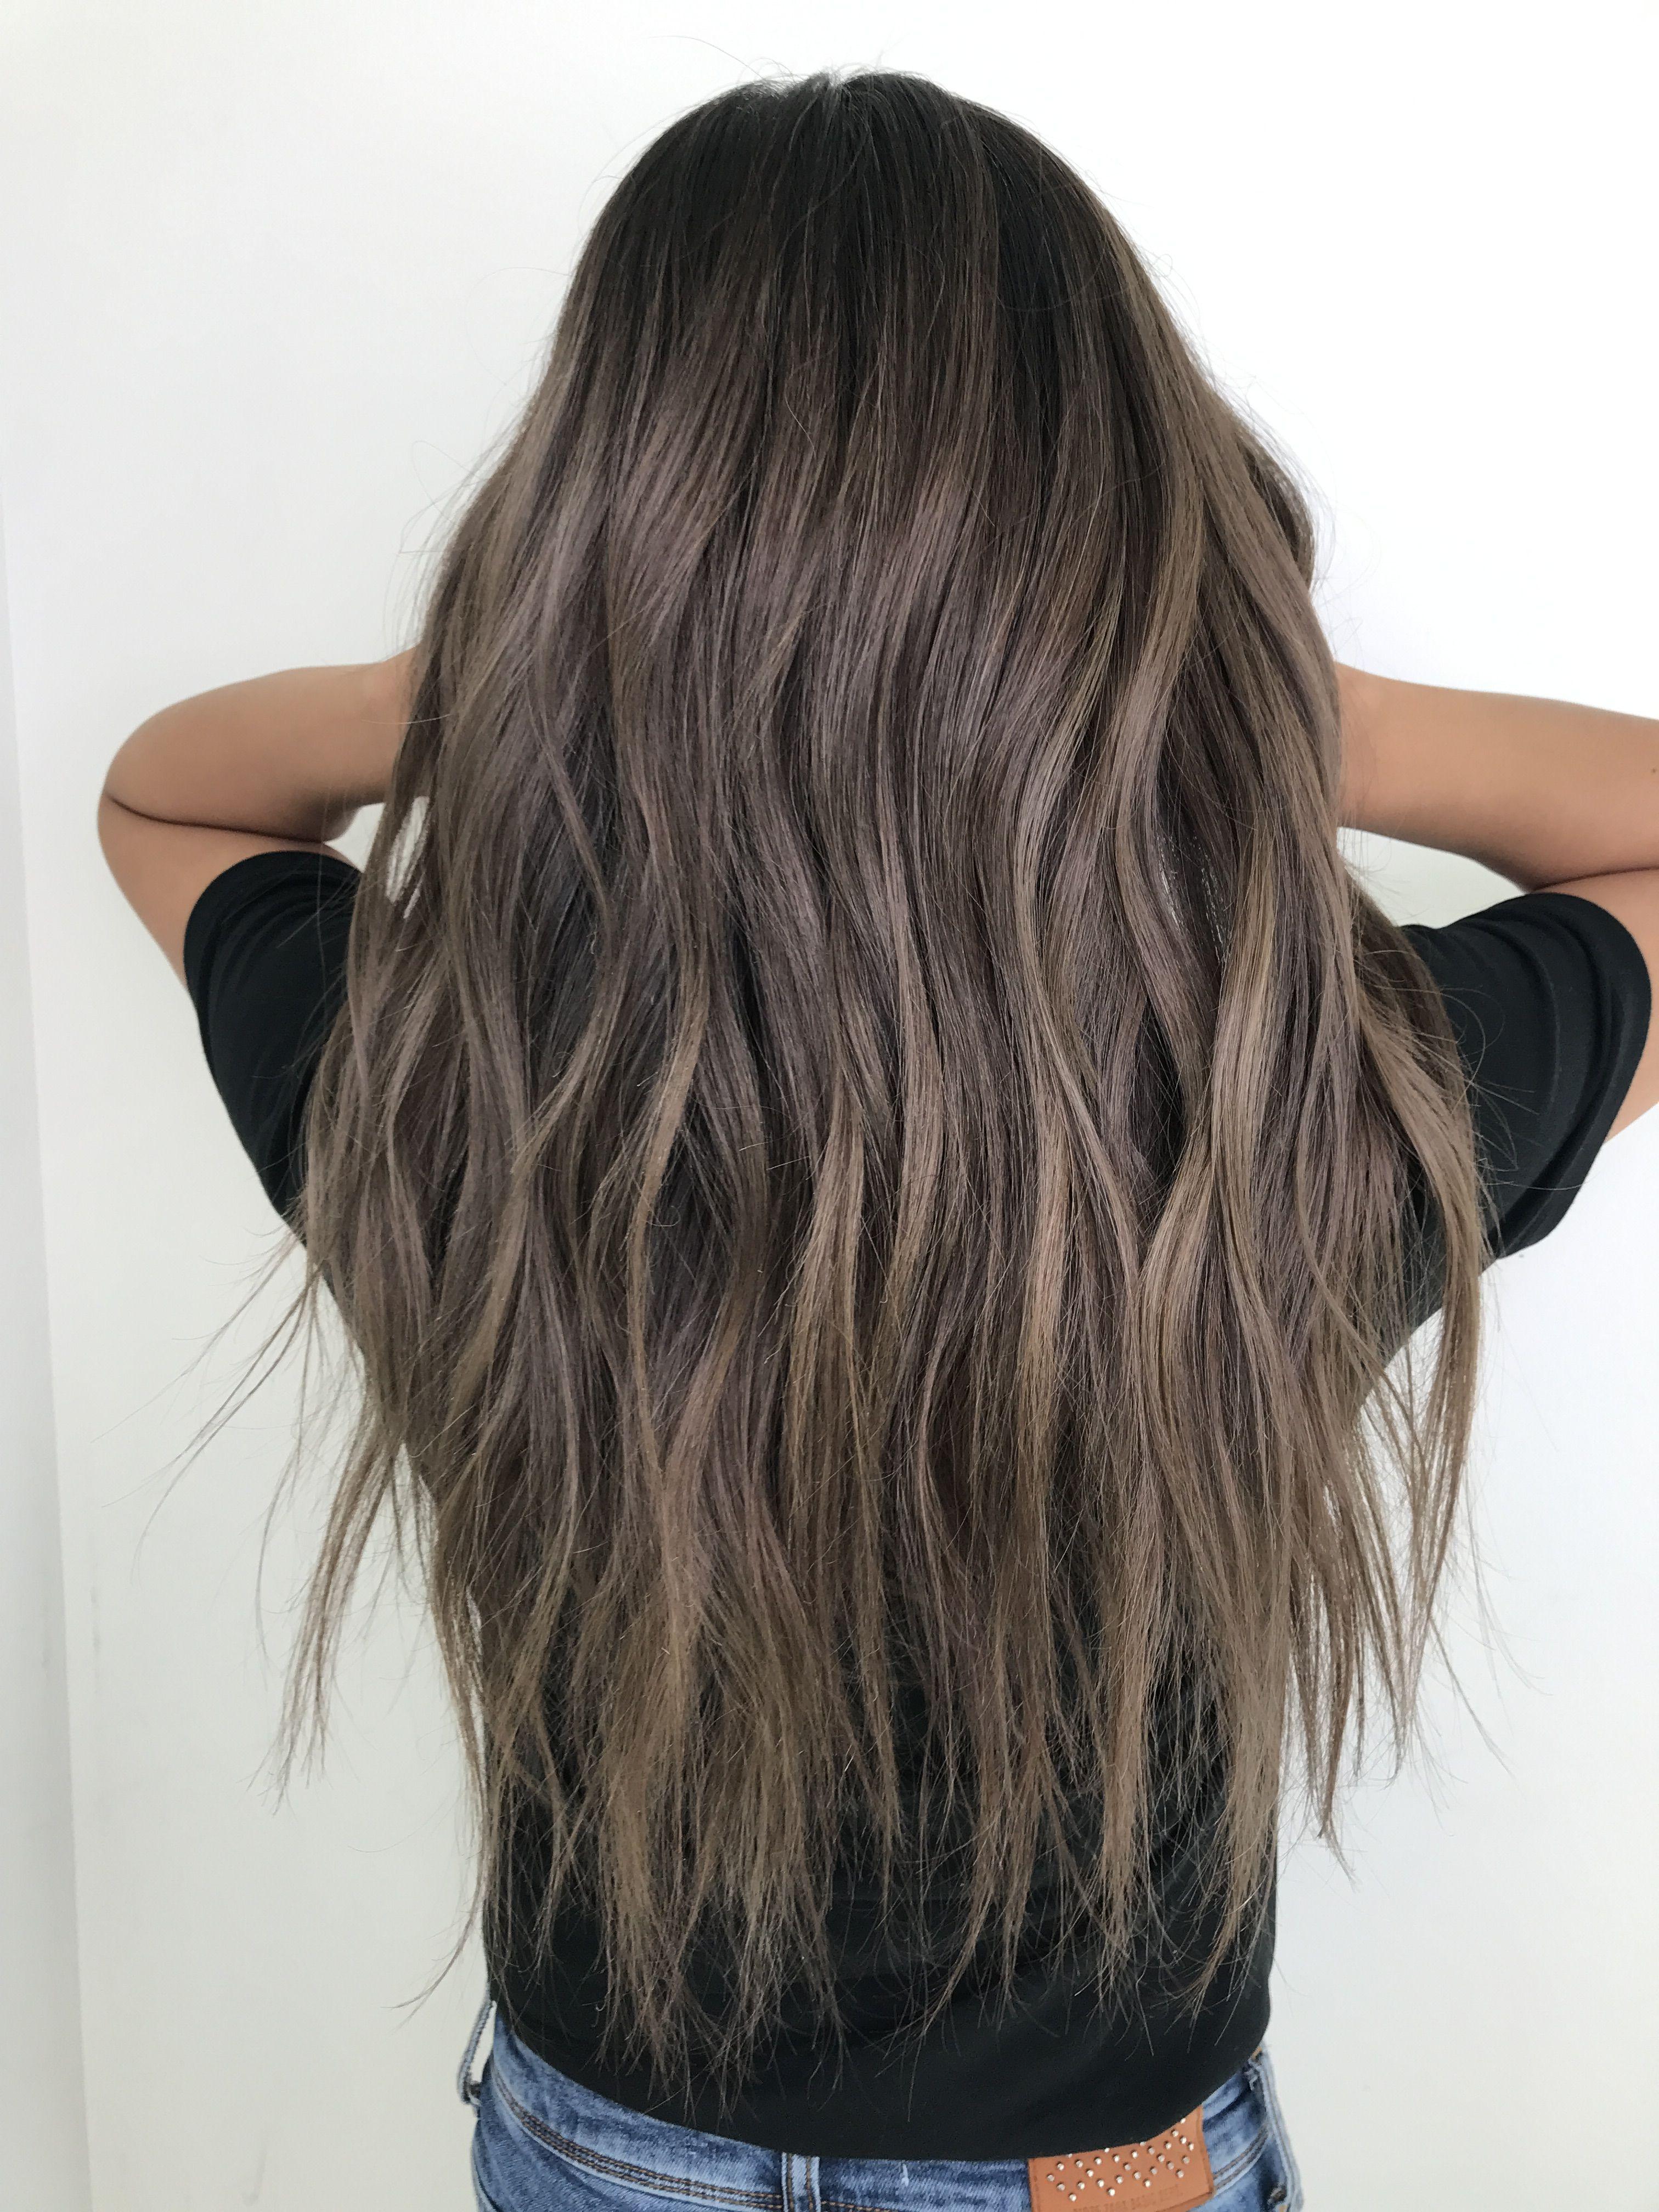 long ash brown hair with beach waves